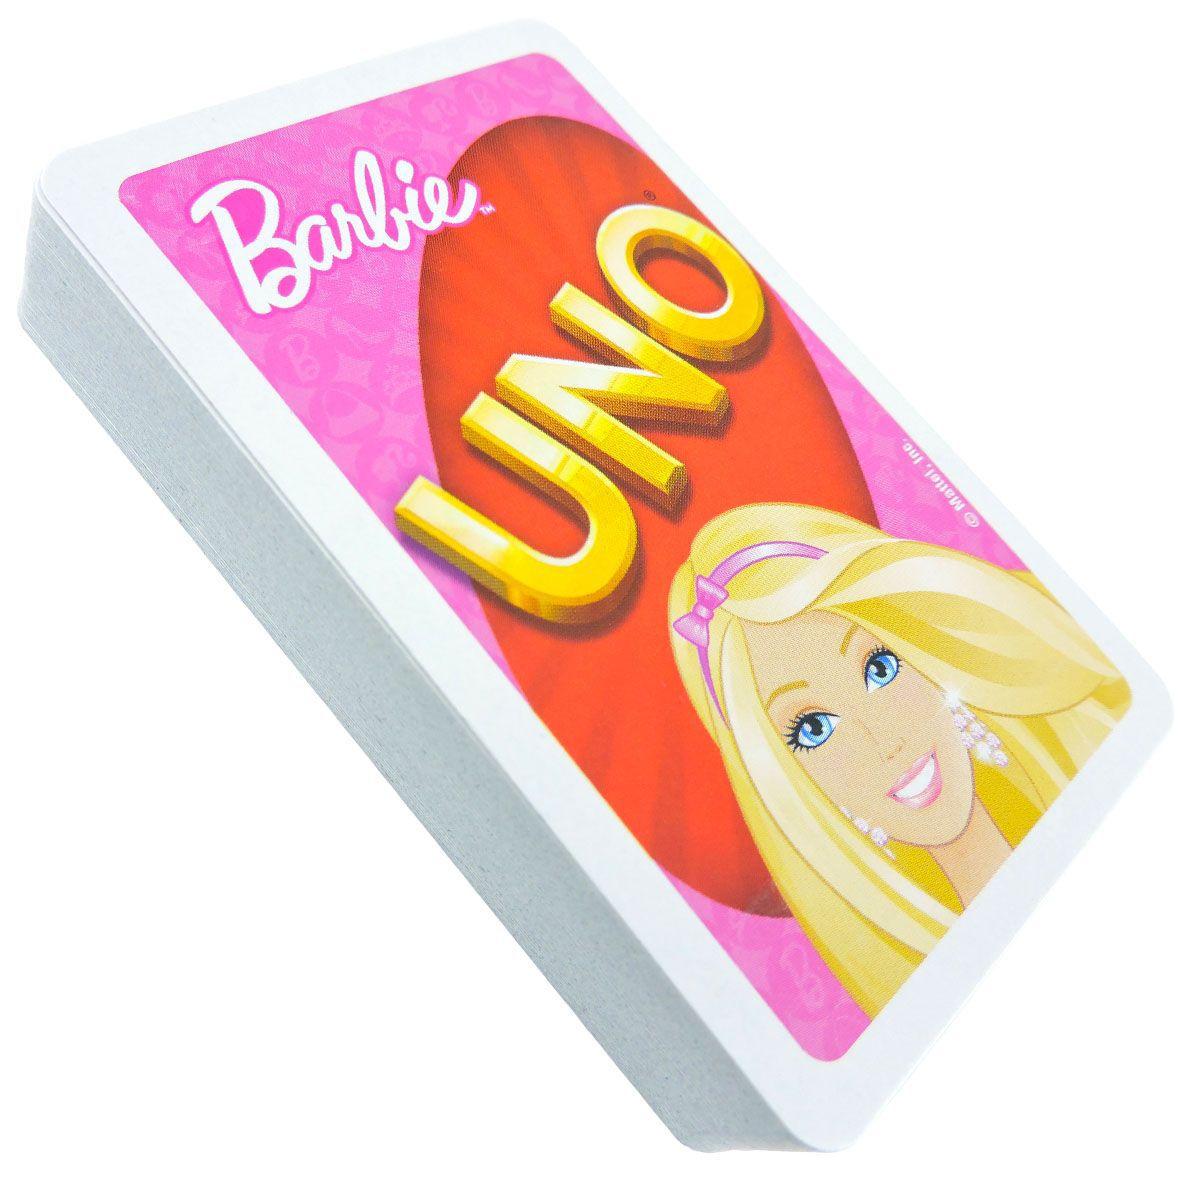 Uno Barbie e Rouba Monte Tinker Bell Coleção com 2 jogos Mattel Disney